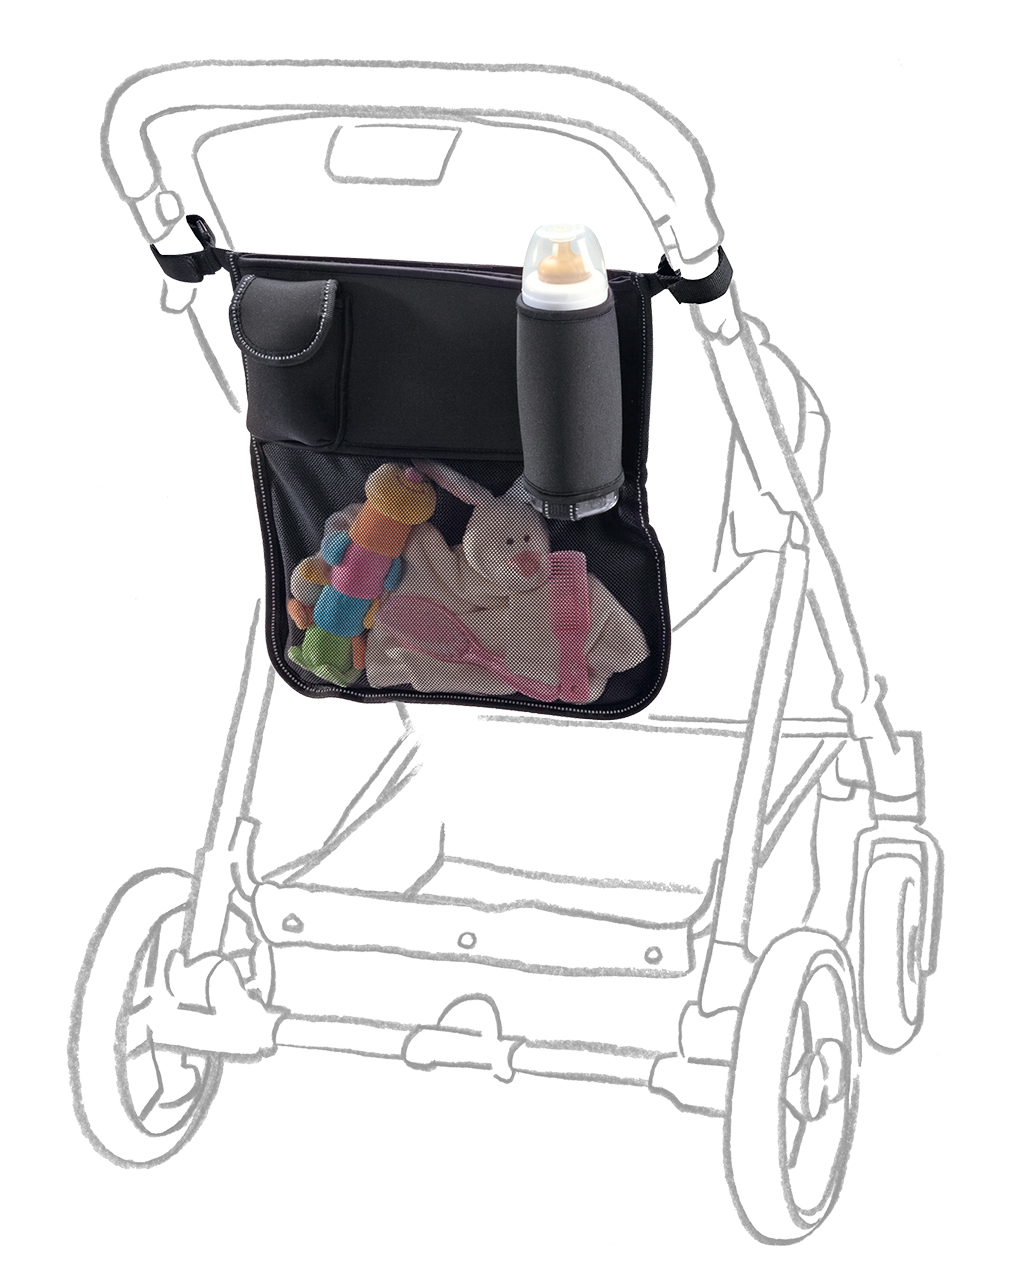 Organizer universale per passeggino - Giordani